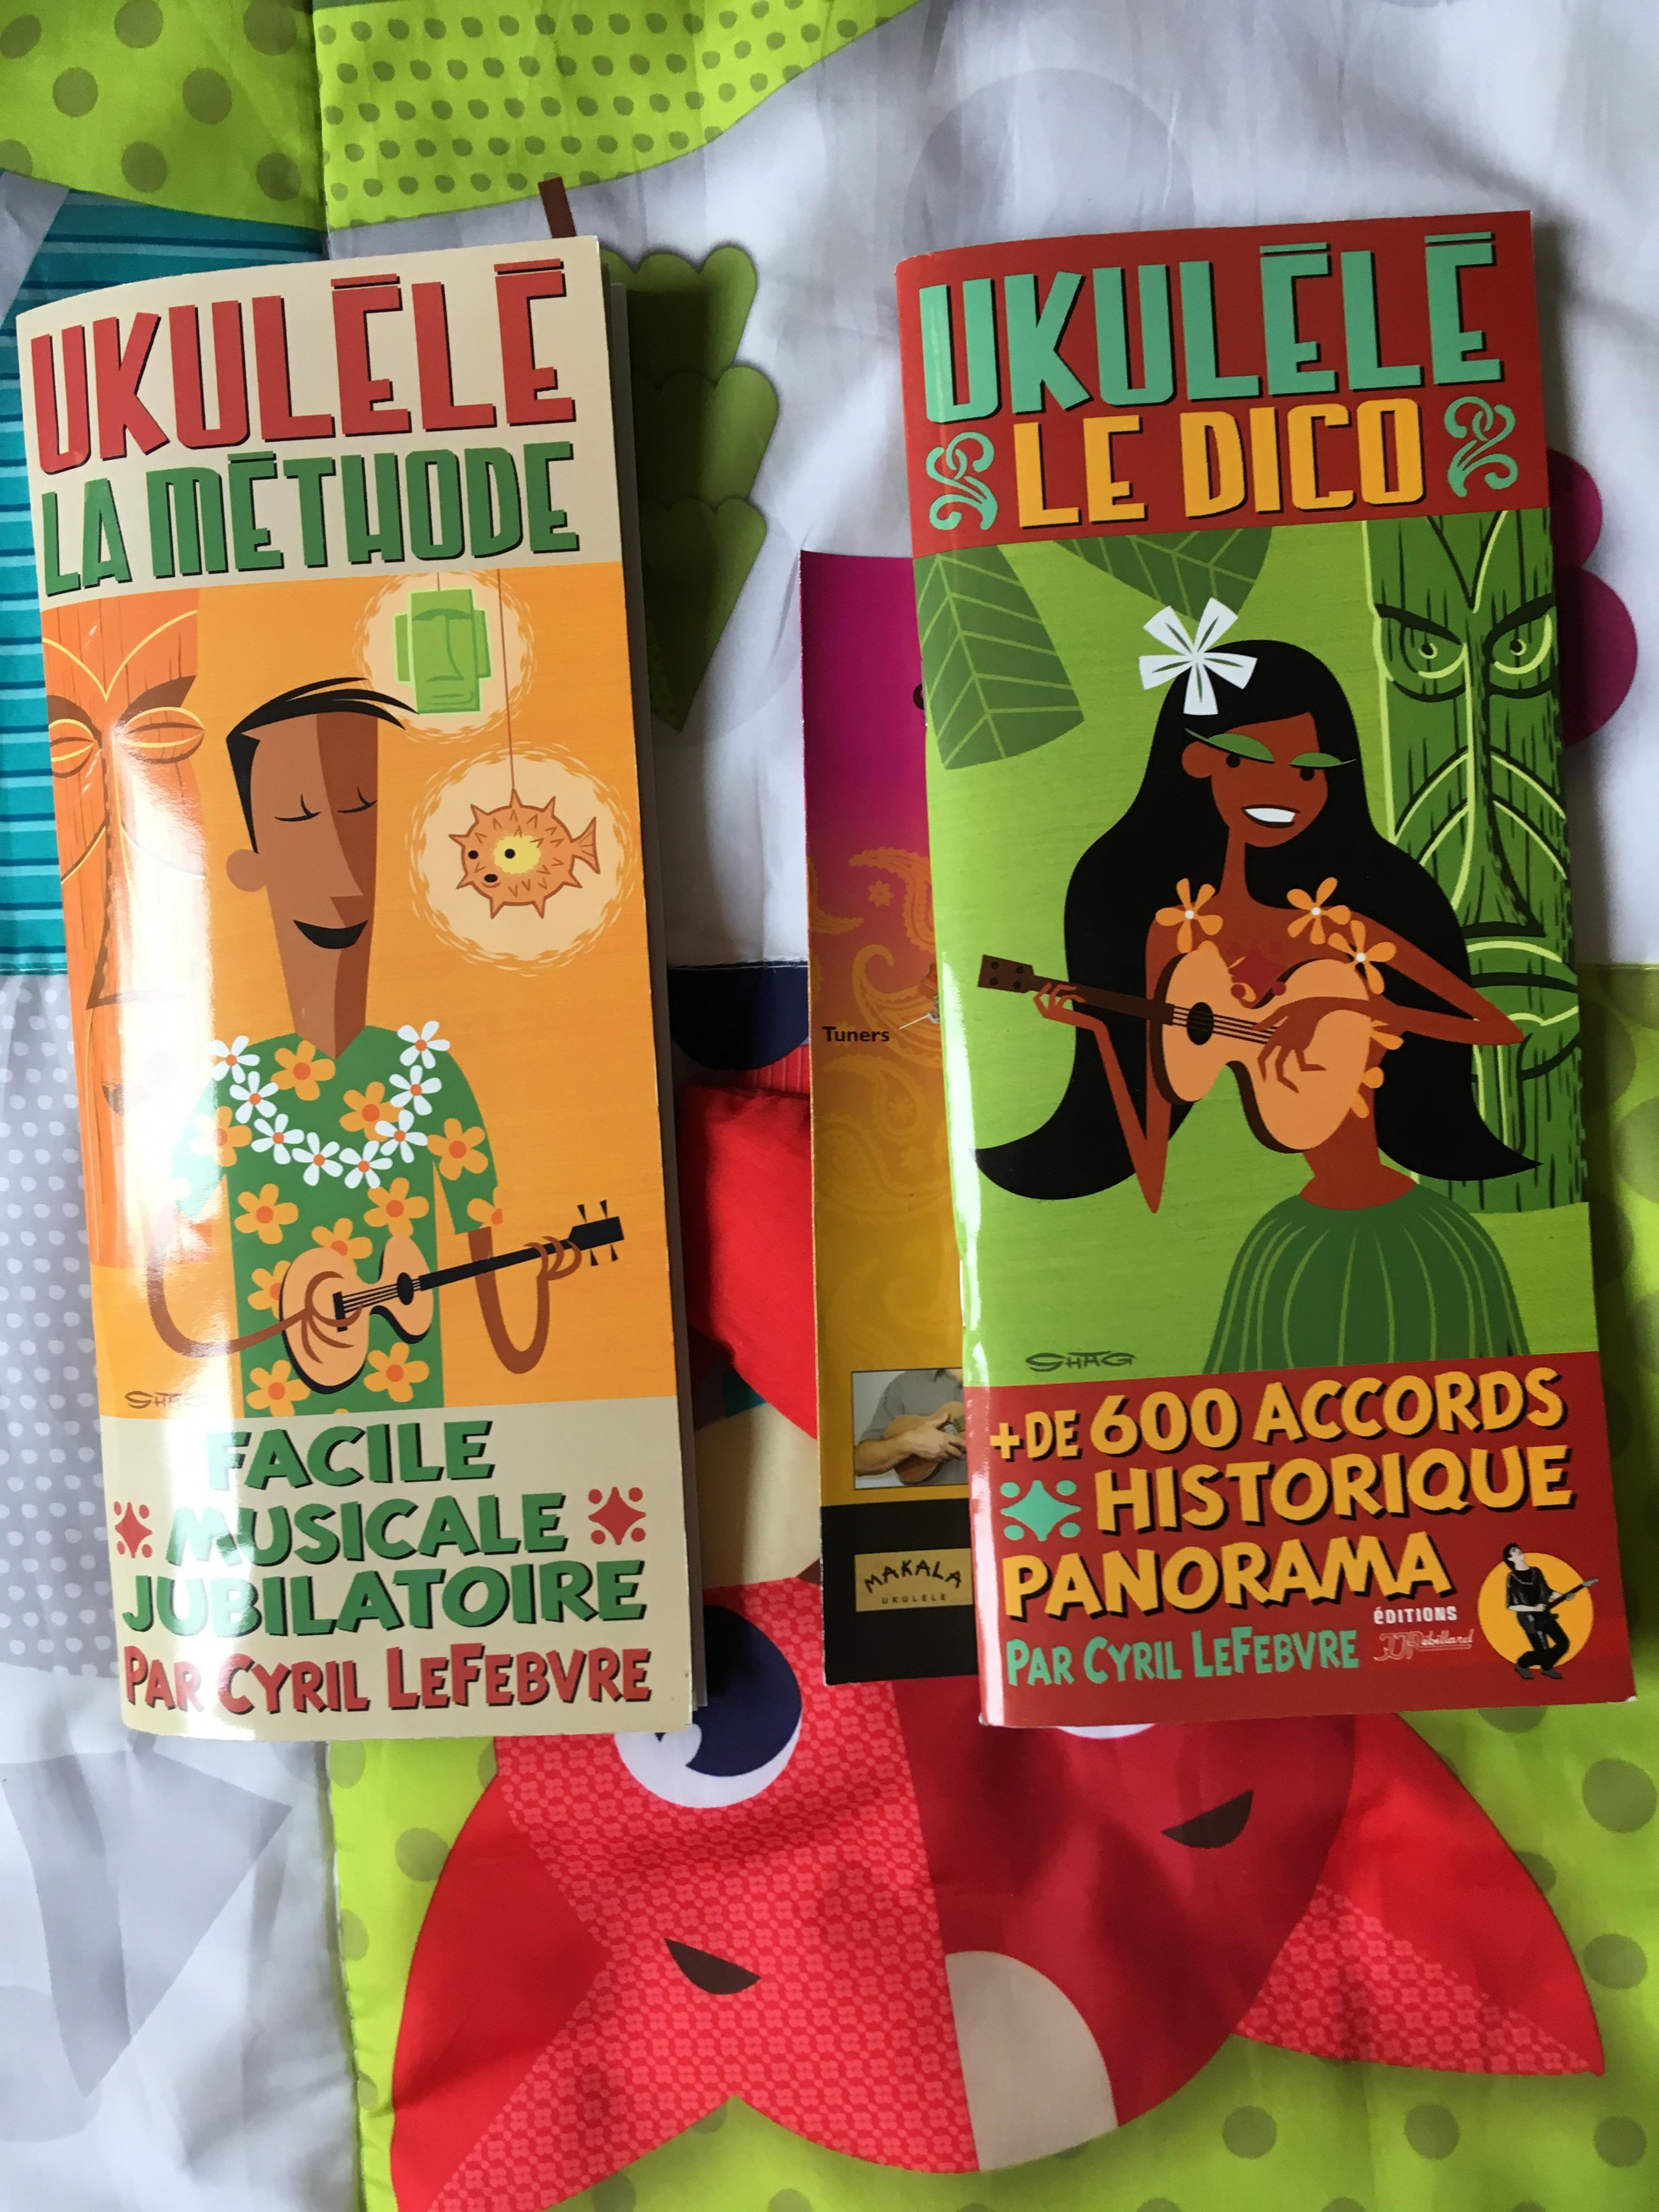 troc de troc prêt pour un ukulele image 2